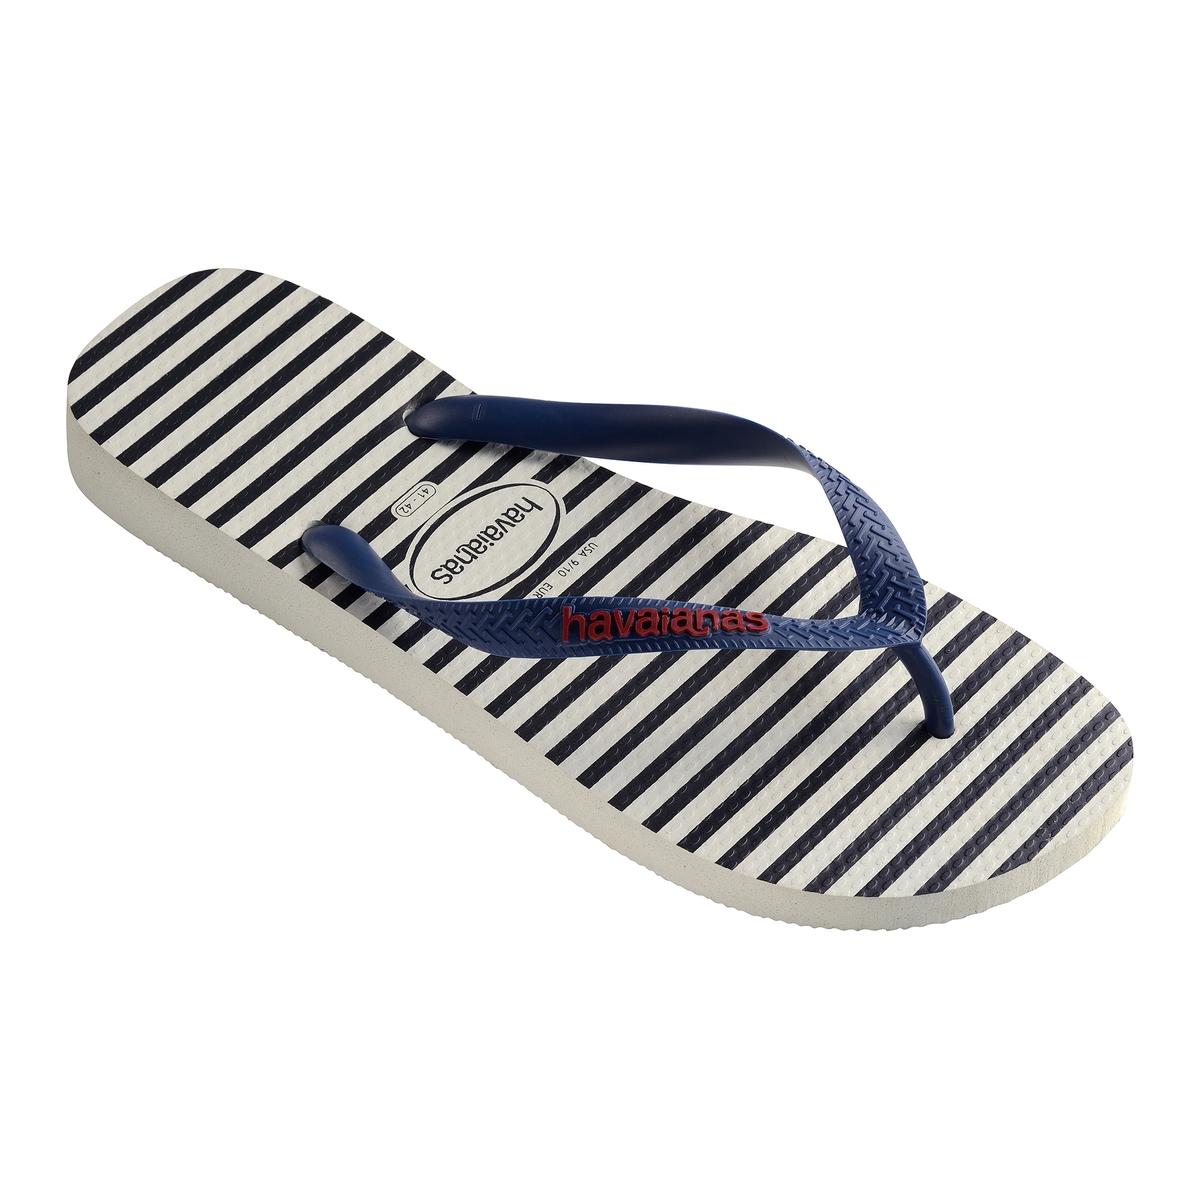 Вьетнамки Top NauticalВерх : каучук   Стелька : каучук   Подошва : каучук   Форма каблука : плоский каблук   Мысок : открытый мысок   Застежка : без застежки<br><br>Цвет: синий/ белый<br>Размер: 43/44